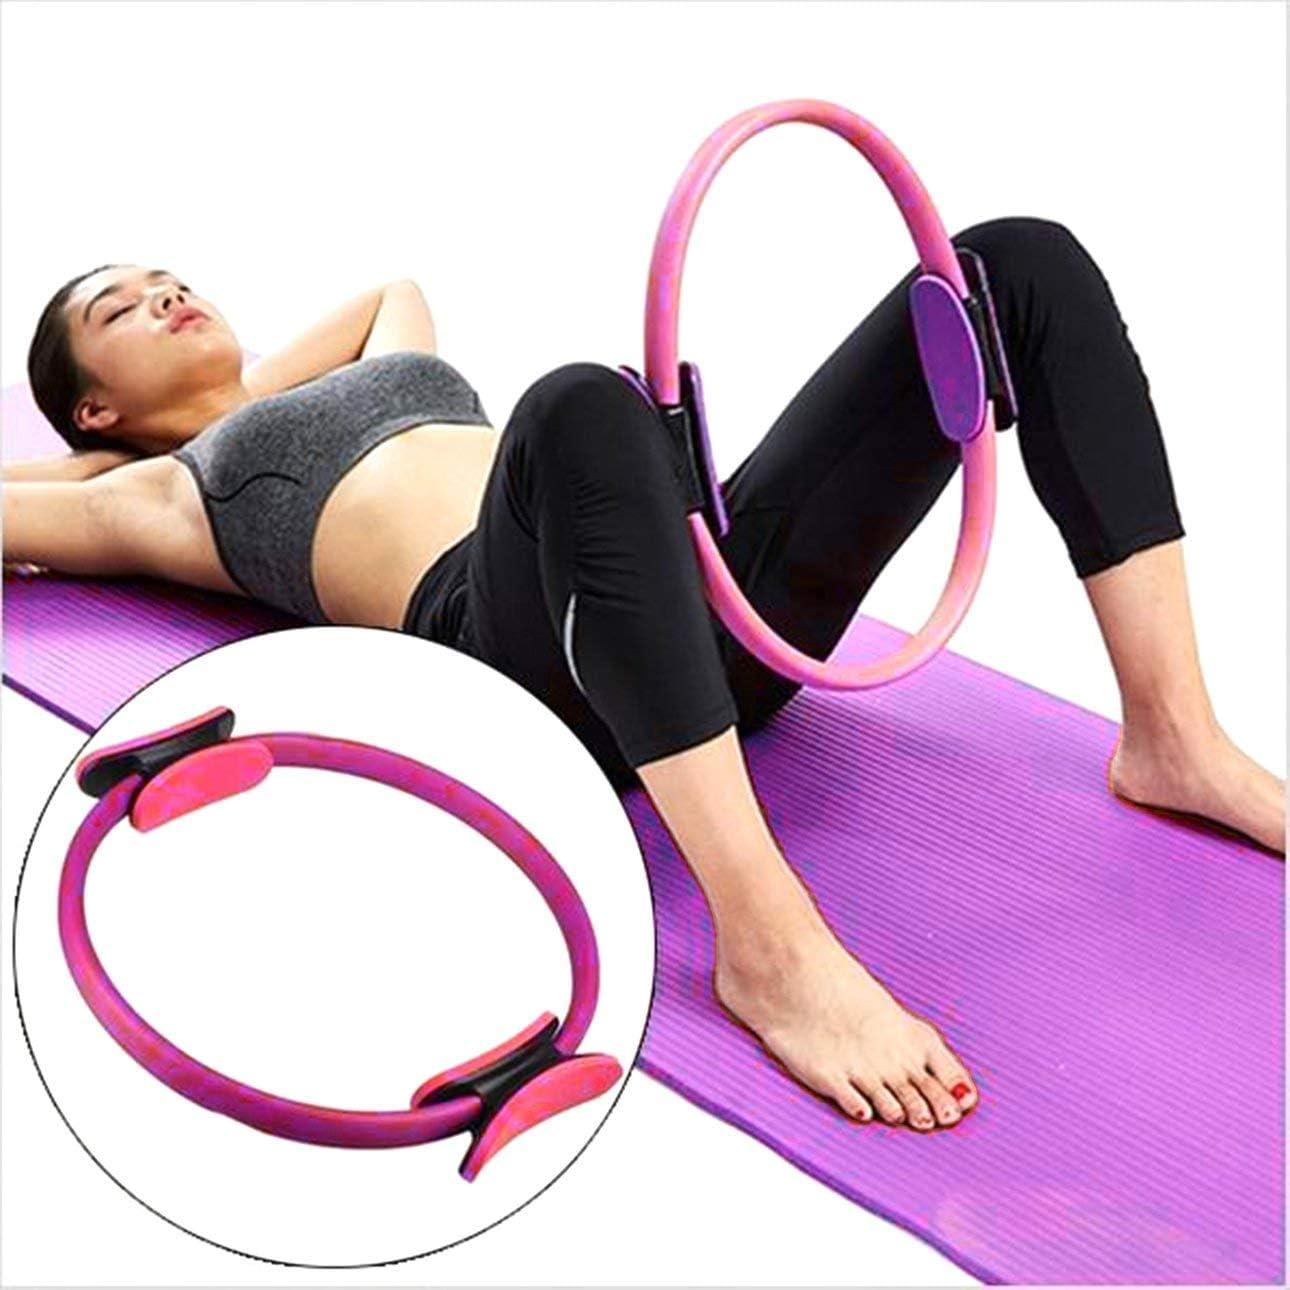 Ballylelly Professionelle Fitness Zauber Verpackungs-Yoga Pilates Ring Abnehmen Bodybuilding Trainings-Yoga-Kreis-Gymnastik-Trainings-Trainings-Werkzeug